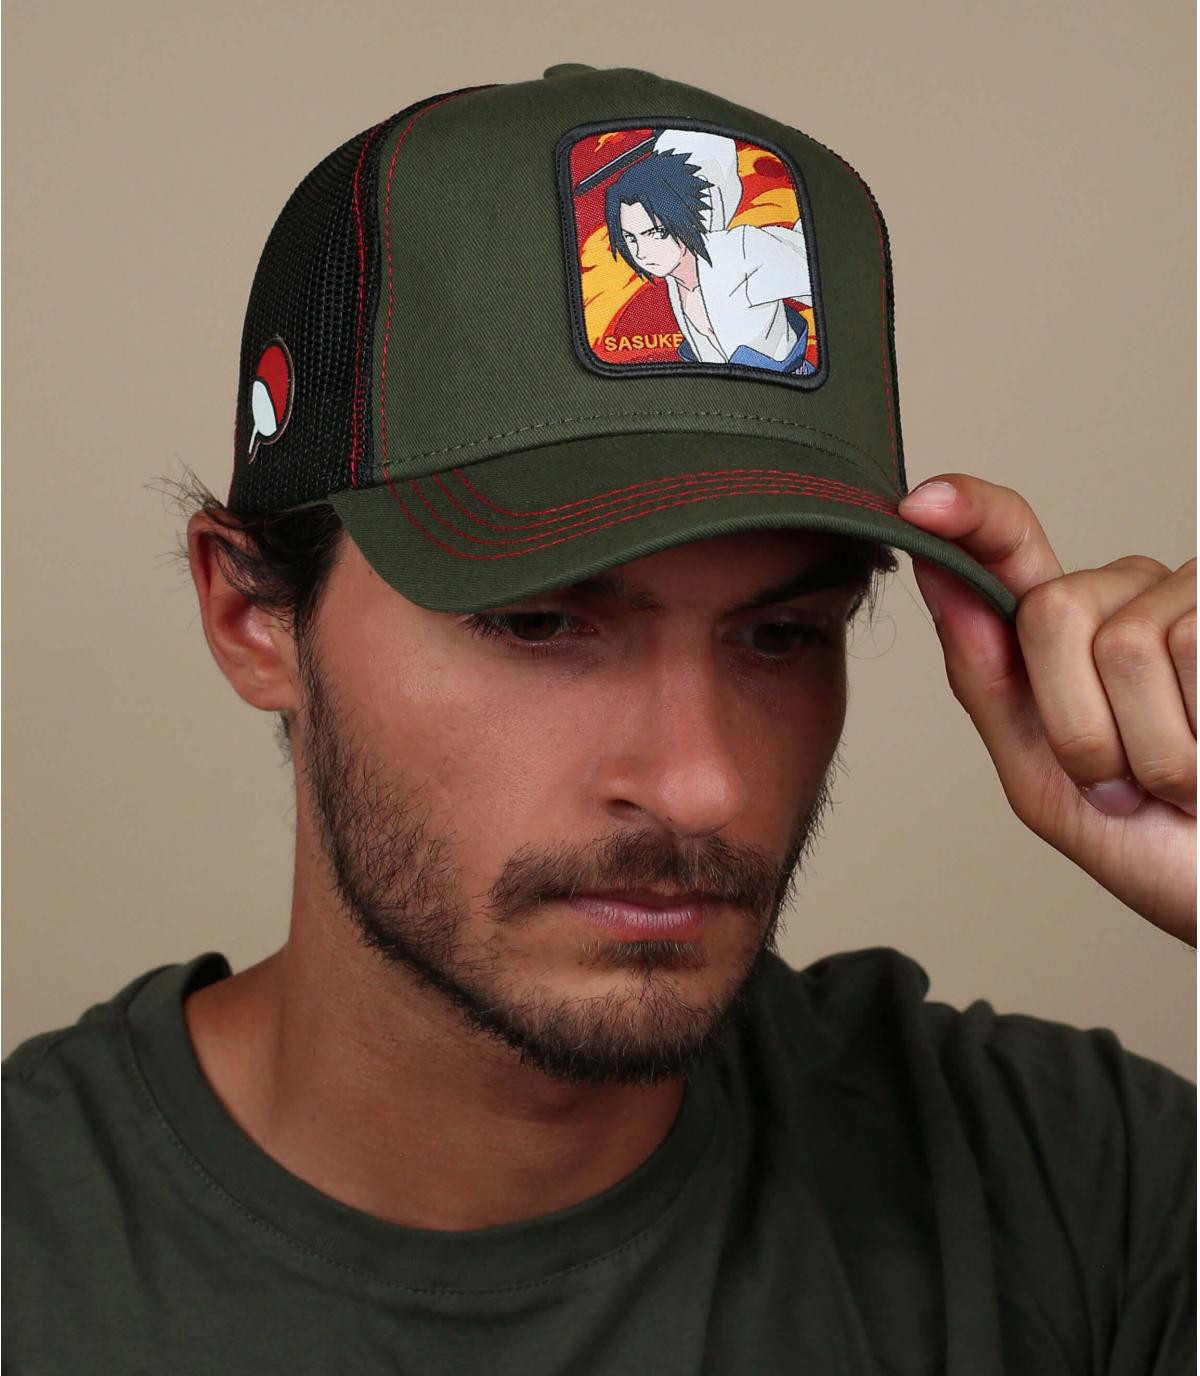 Cap Sasuke